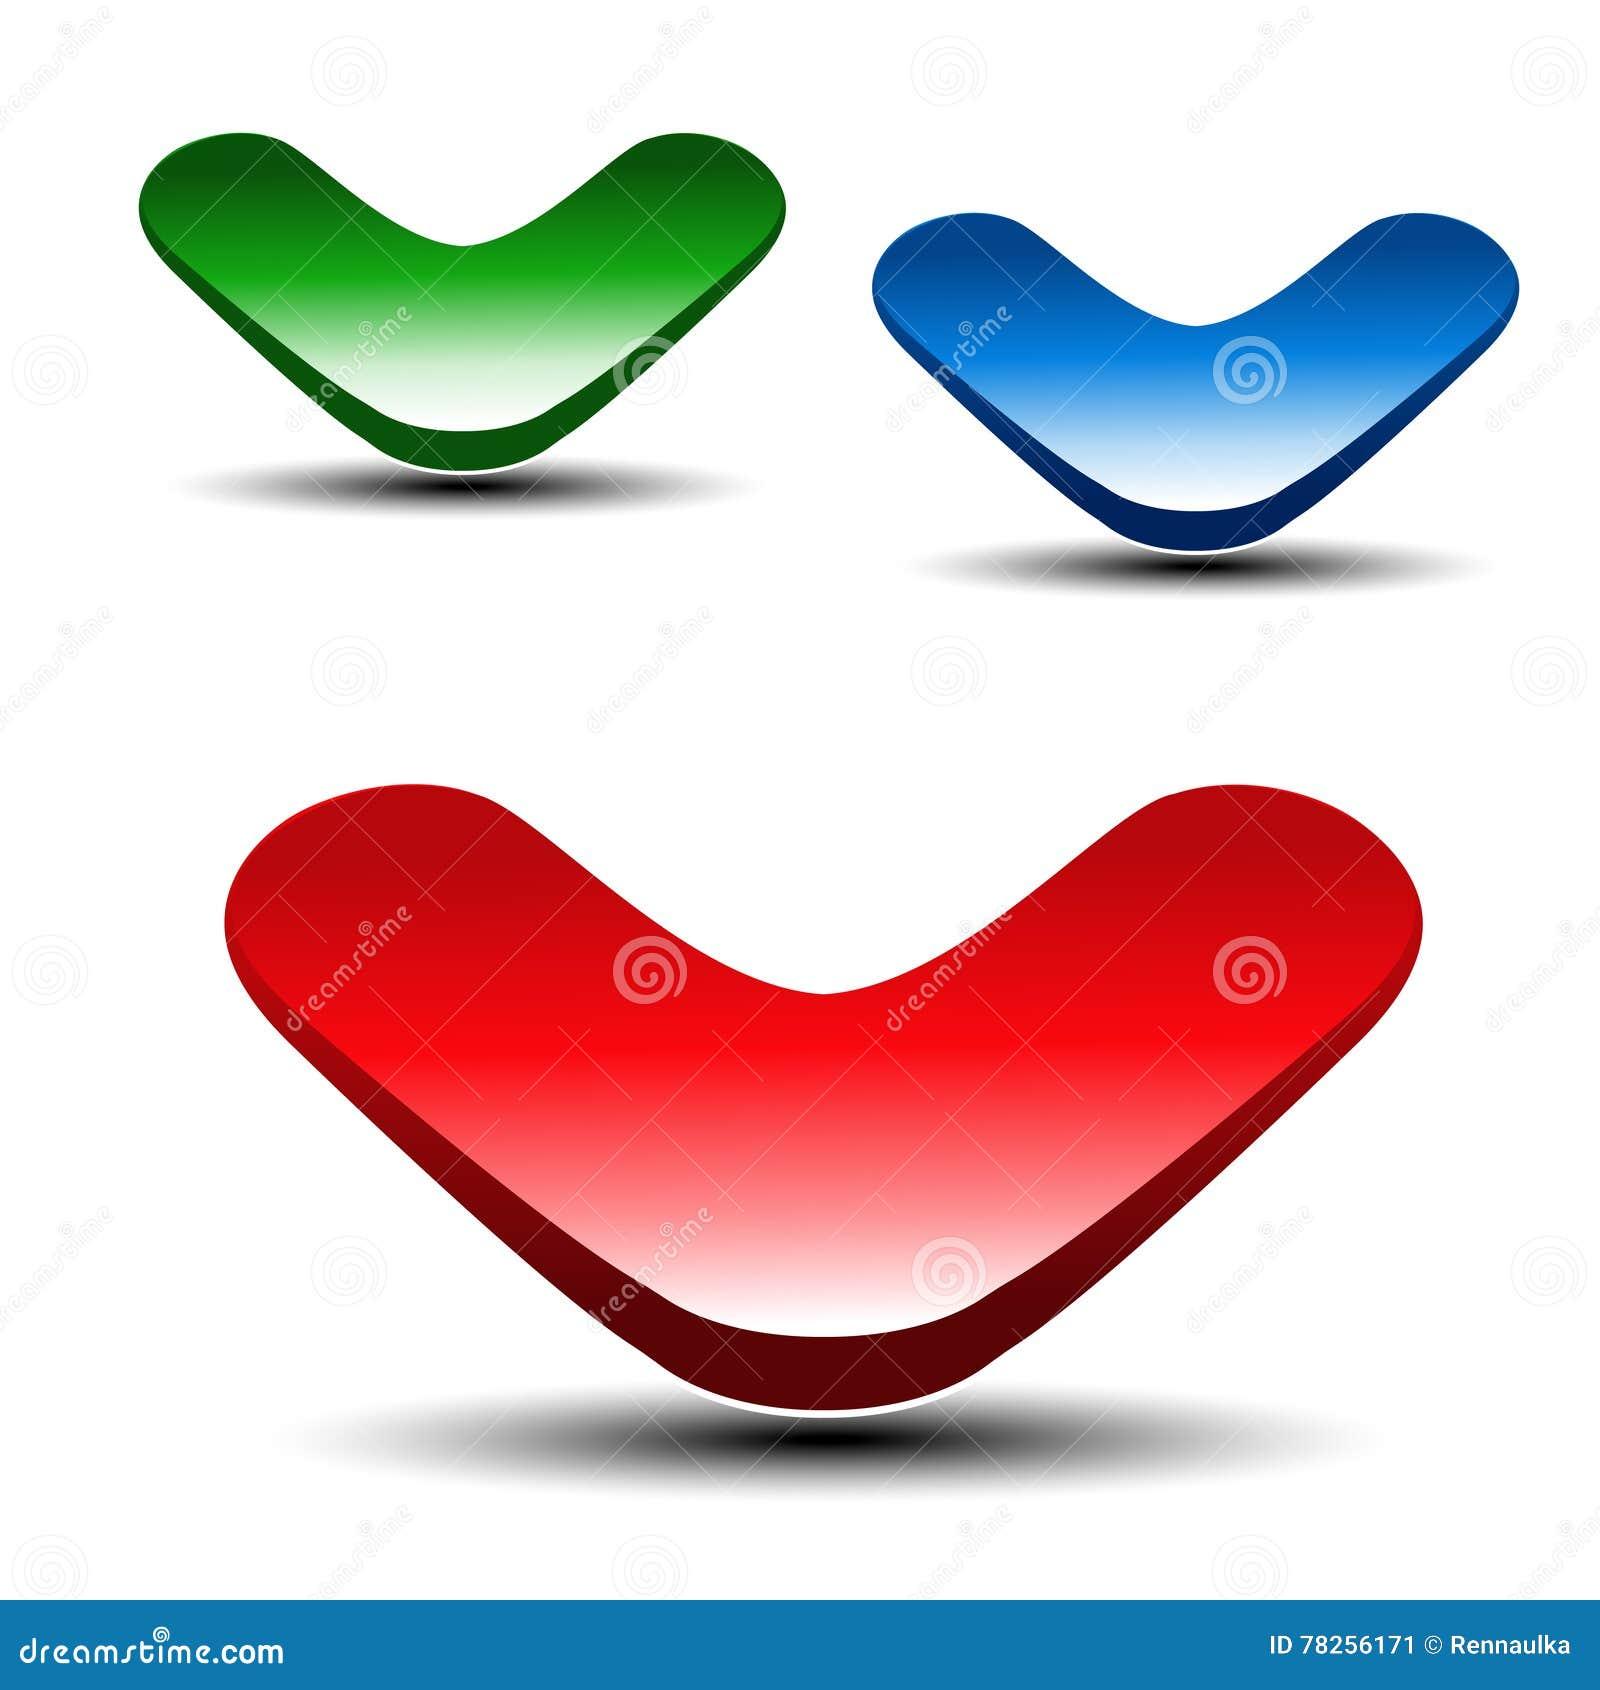 Κόκκινο, πράσινο και μπλε βέλος στο άσπρο υπόβαθρο Απλά κουμπιά βελών Σύνδεση ή δείκτης Ιστού Το σύμβολο έπειτα, διάβασε περισσότ